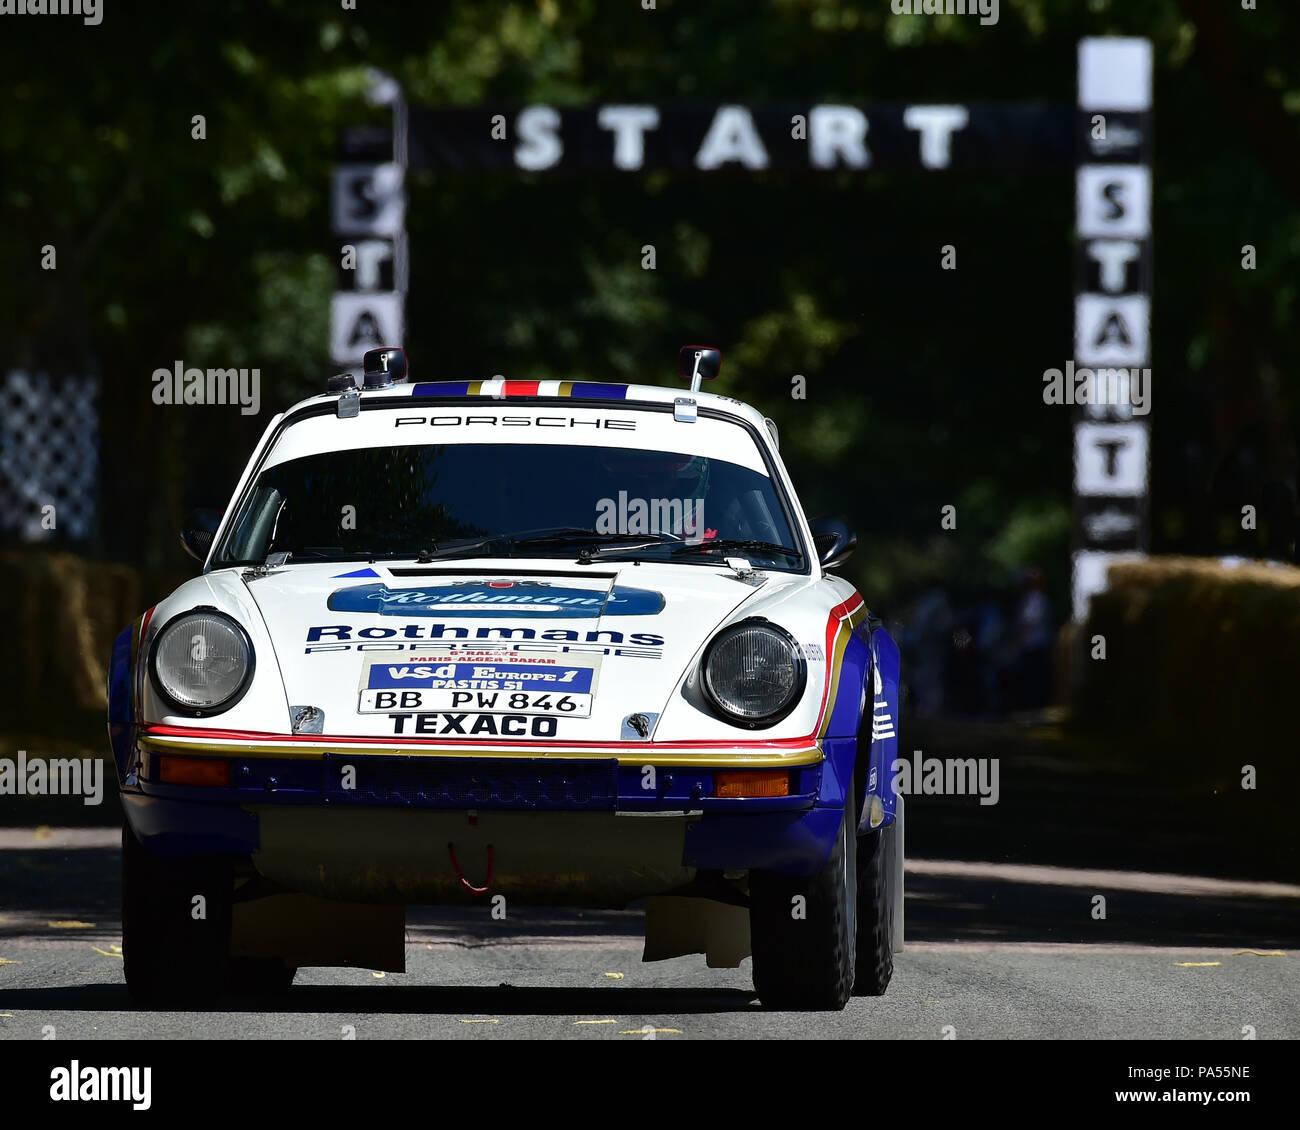 Walter Rohrl Chritian Geistdoerfer Porsche 911 Sc Paris Dakar